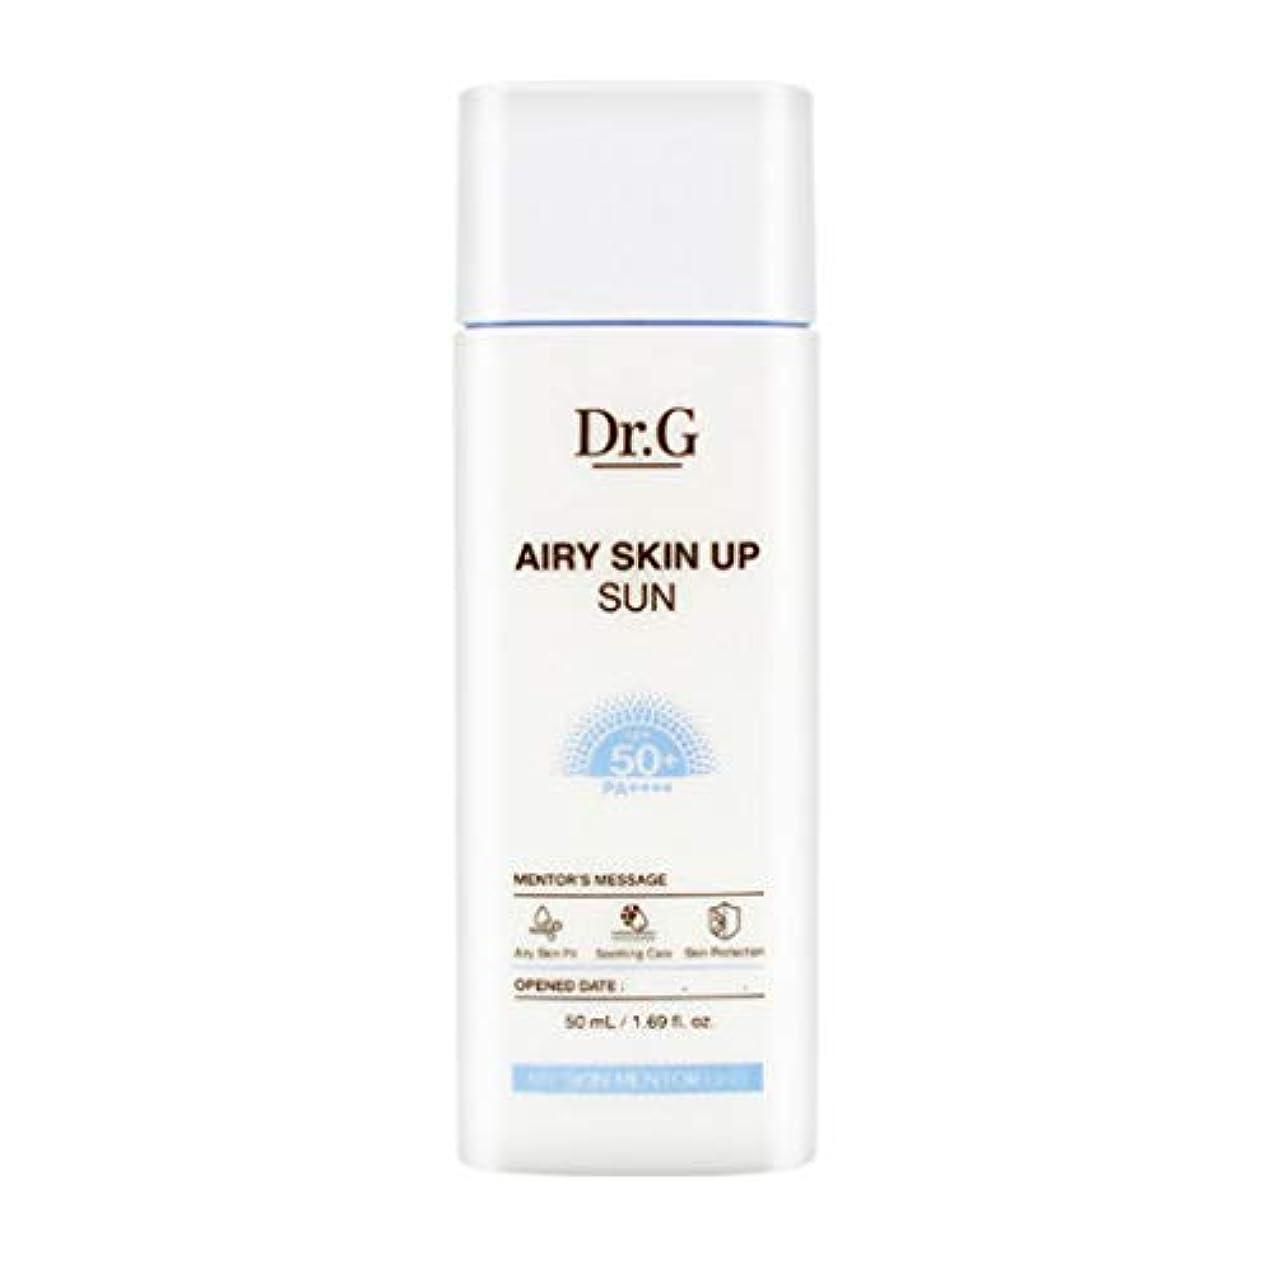 砂利威信織るDr.G ドクタージー Airy Skin Up Sun エアリースキンアップサン (50ml) SPF50+ PA++++ Dr G DrG 日焼け止め